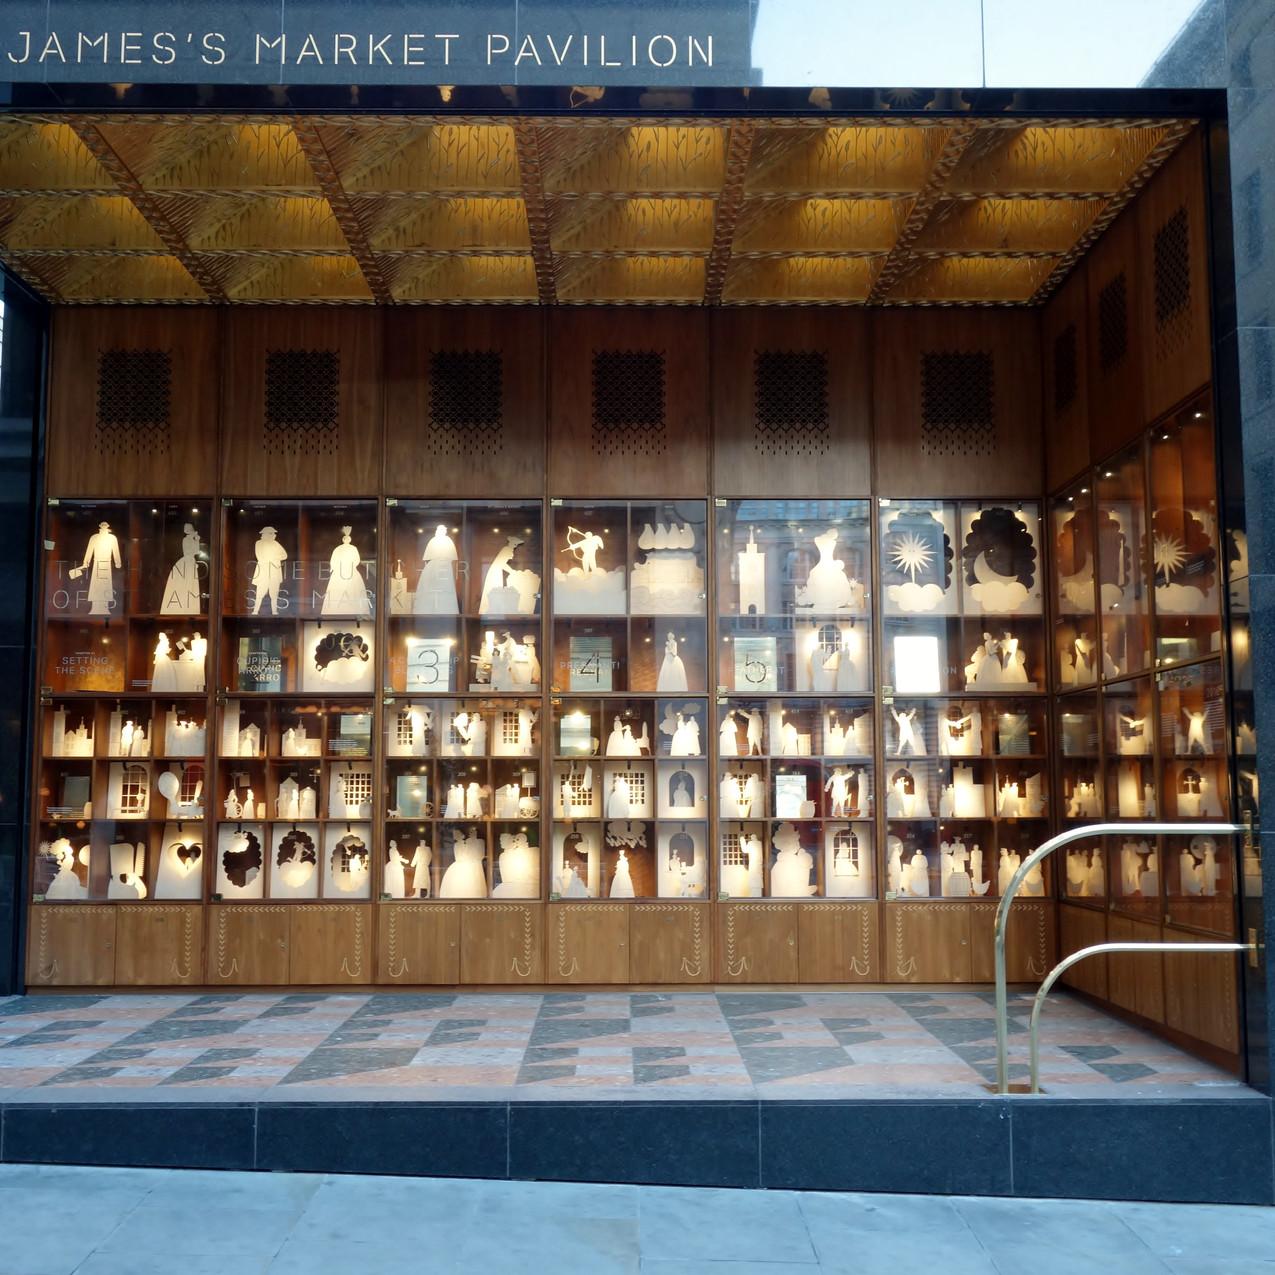 St James's Pavilion